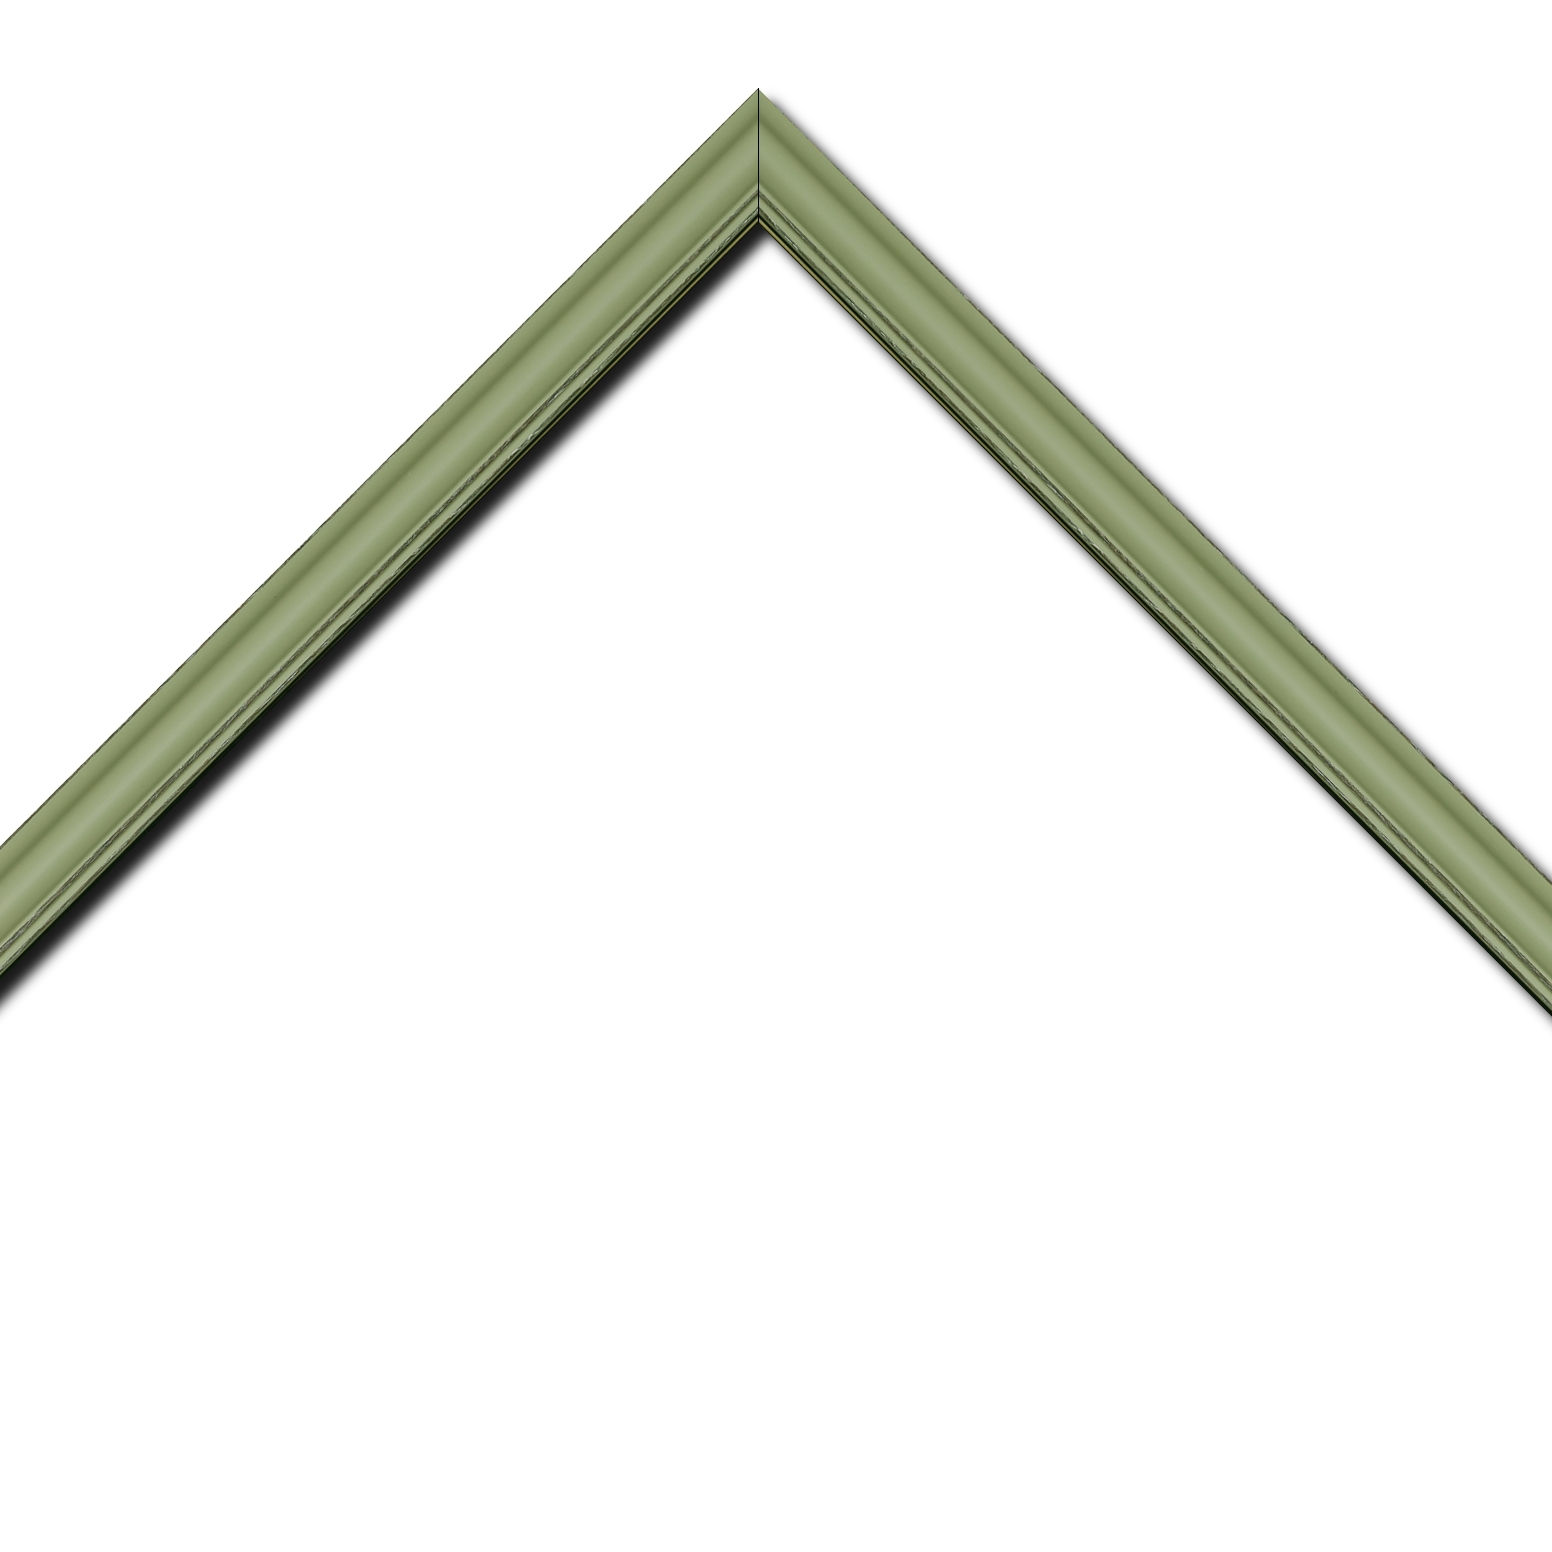 Baguette bois profil doucine inversée largeur 2.3cm vert tilleul satiné bord ressuyé